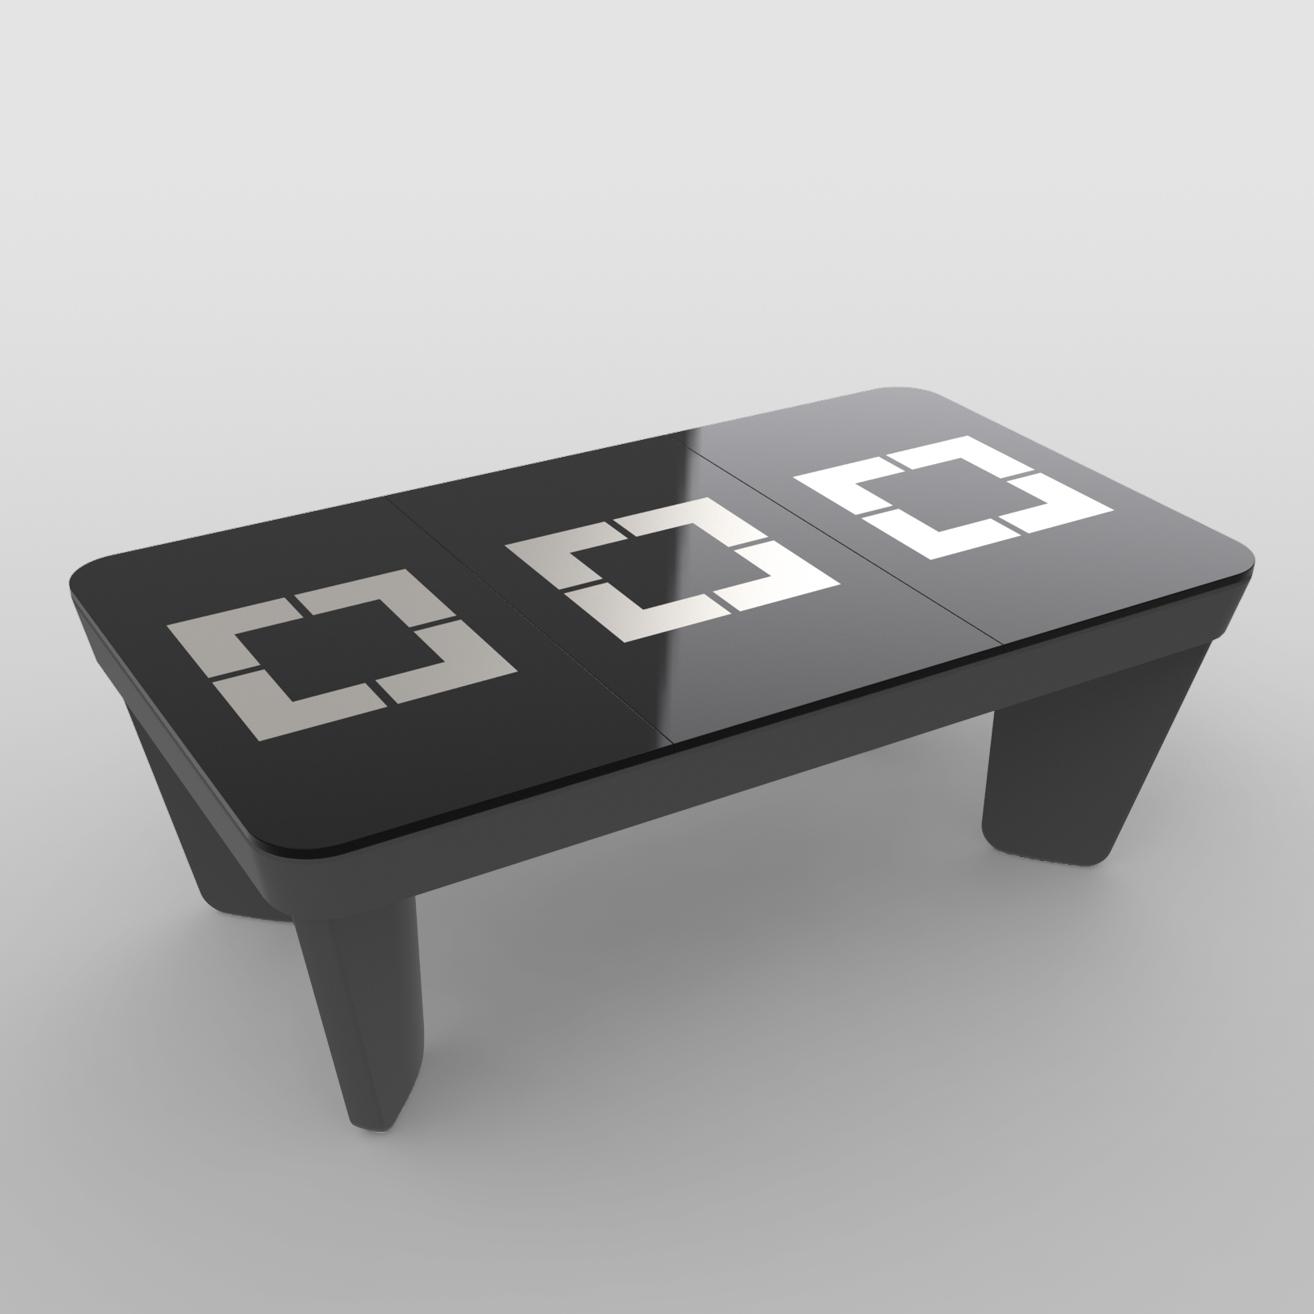 Plateaux table décor 3 parties n3